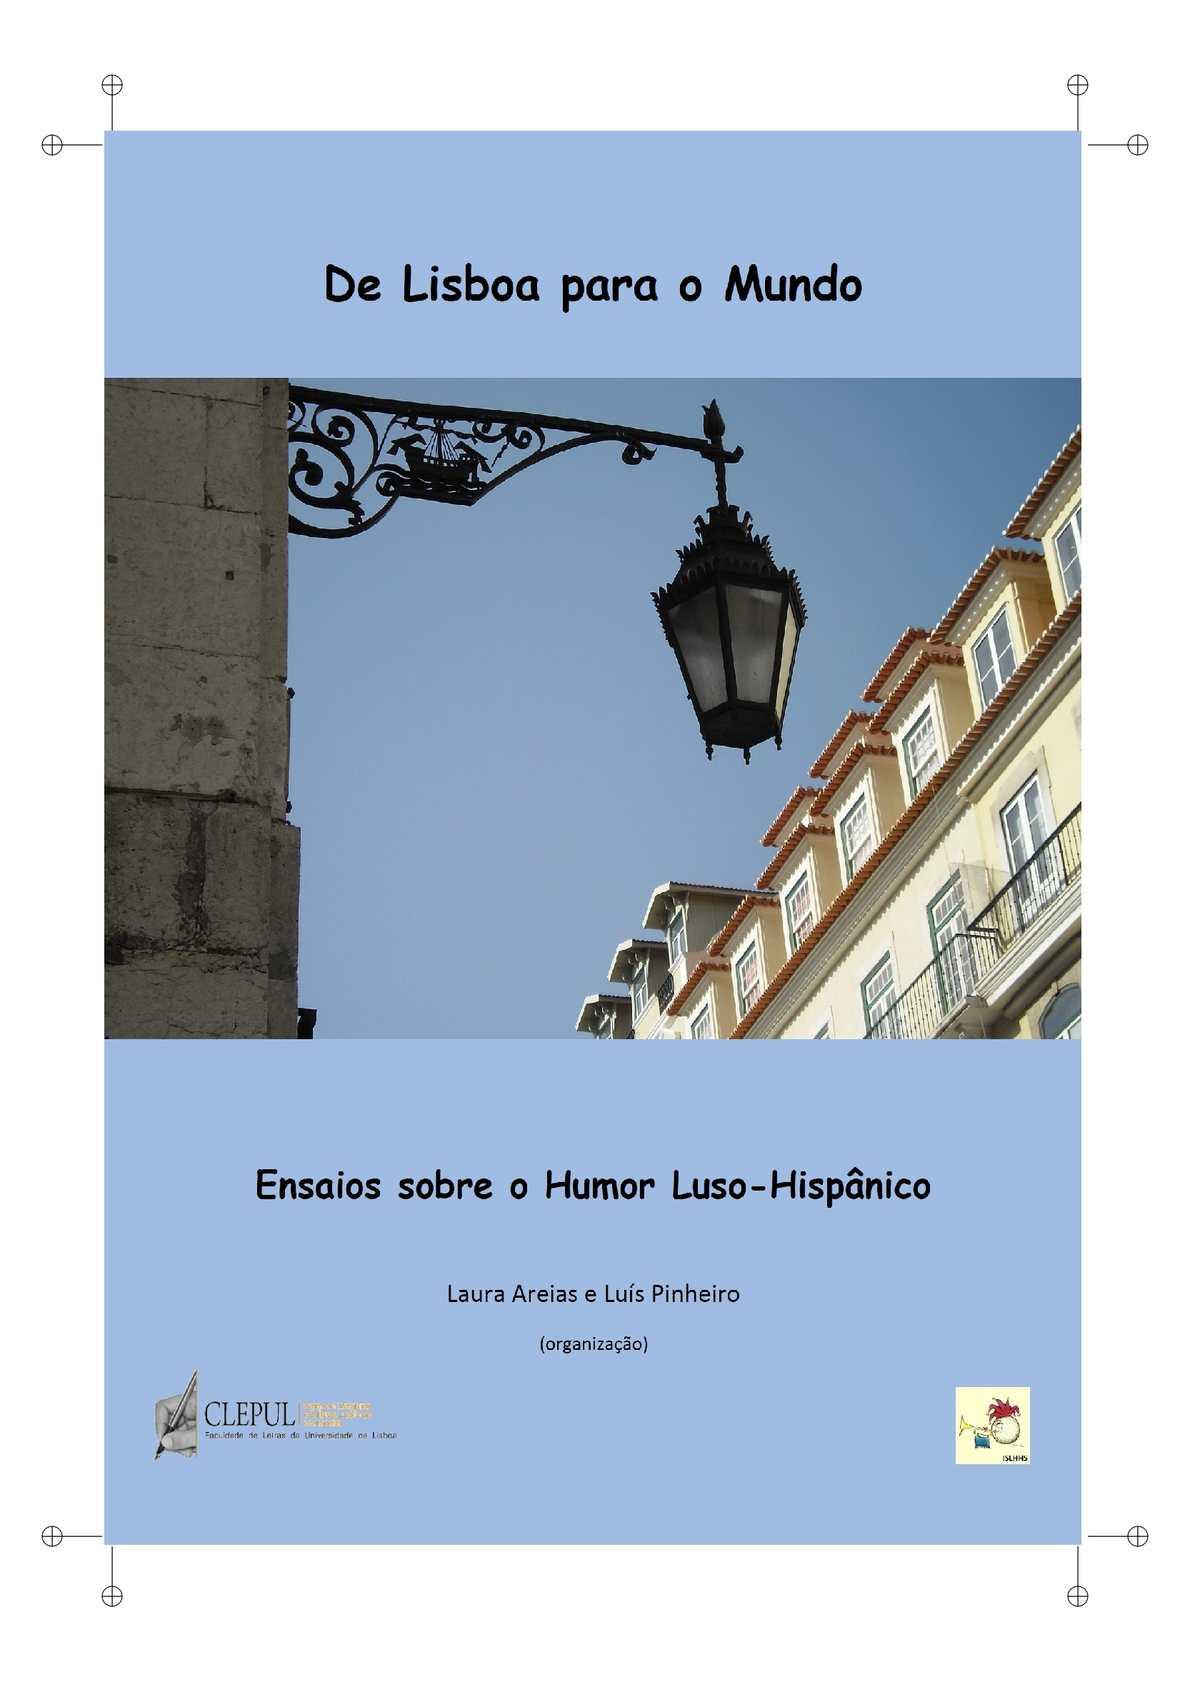 Calaméo - De Lisboa para o Mundo  Ensaios sobre o Humor Luso-Hispânico 1bfcae10a70